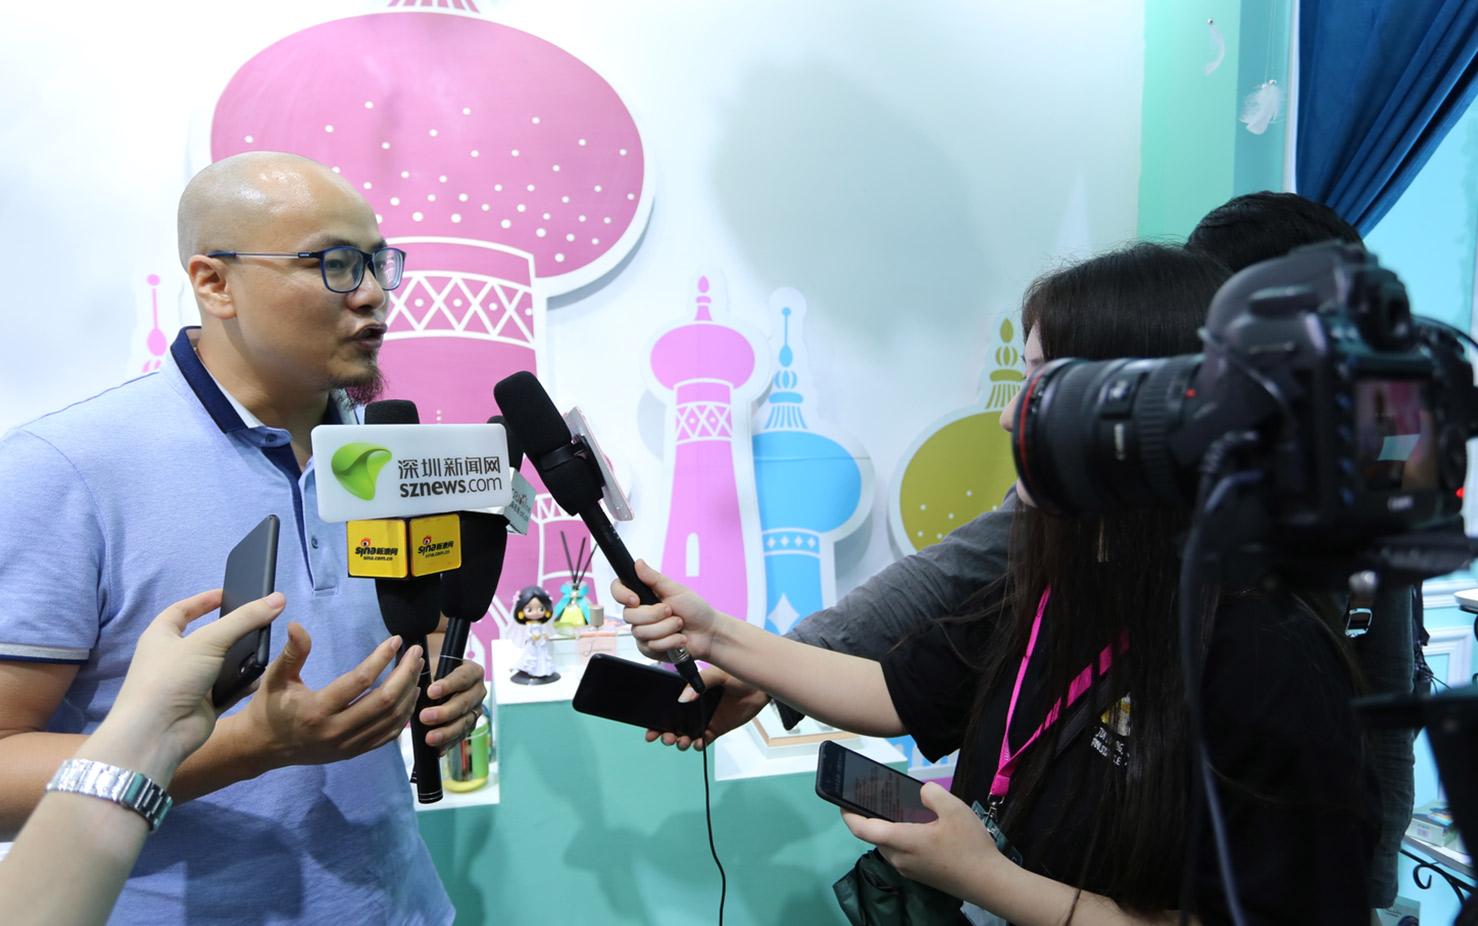 <p> 新浪网、深圳新闻网采访 </p>